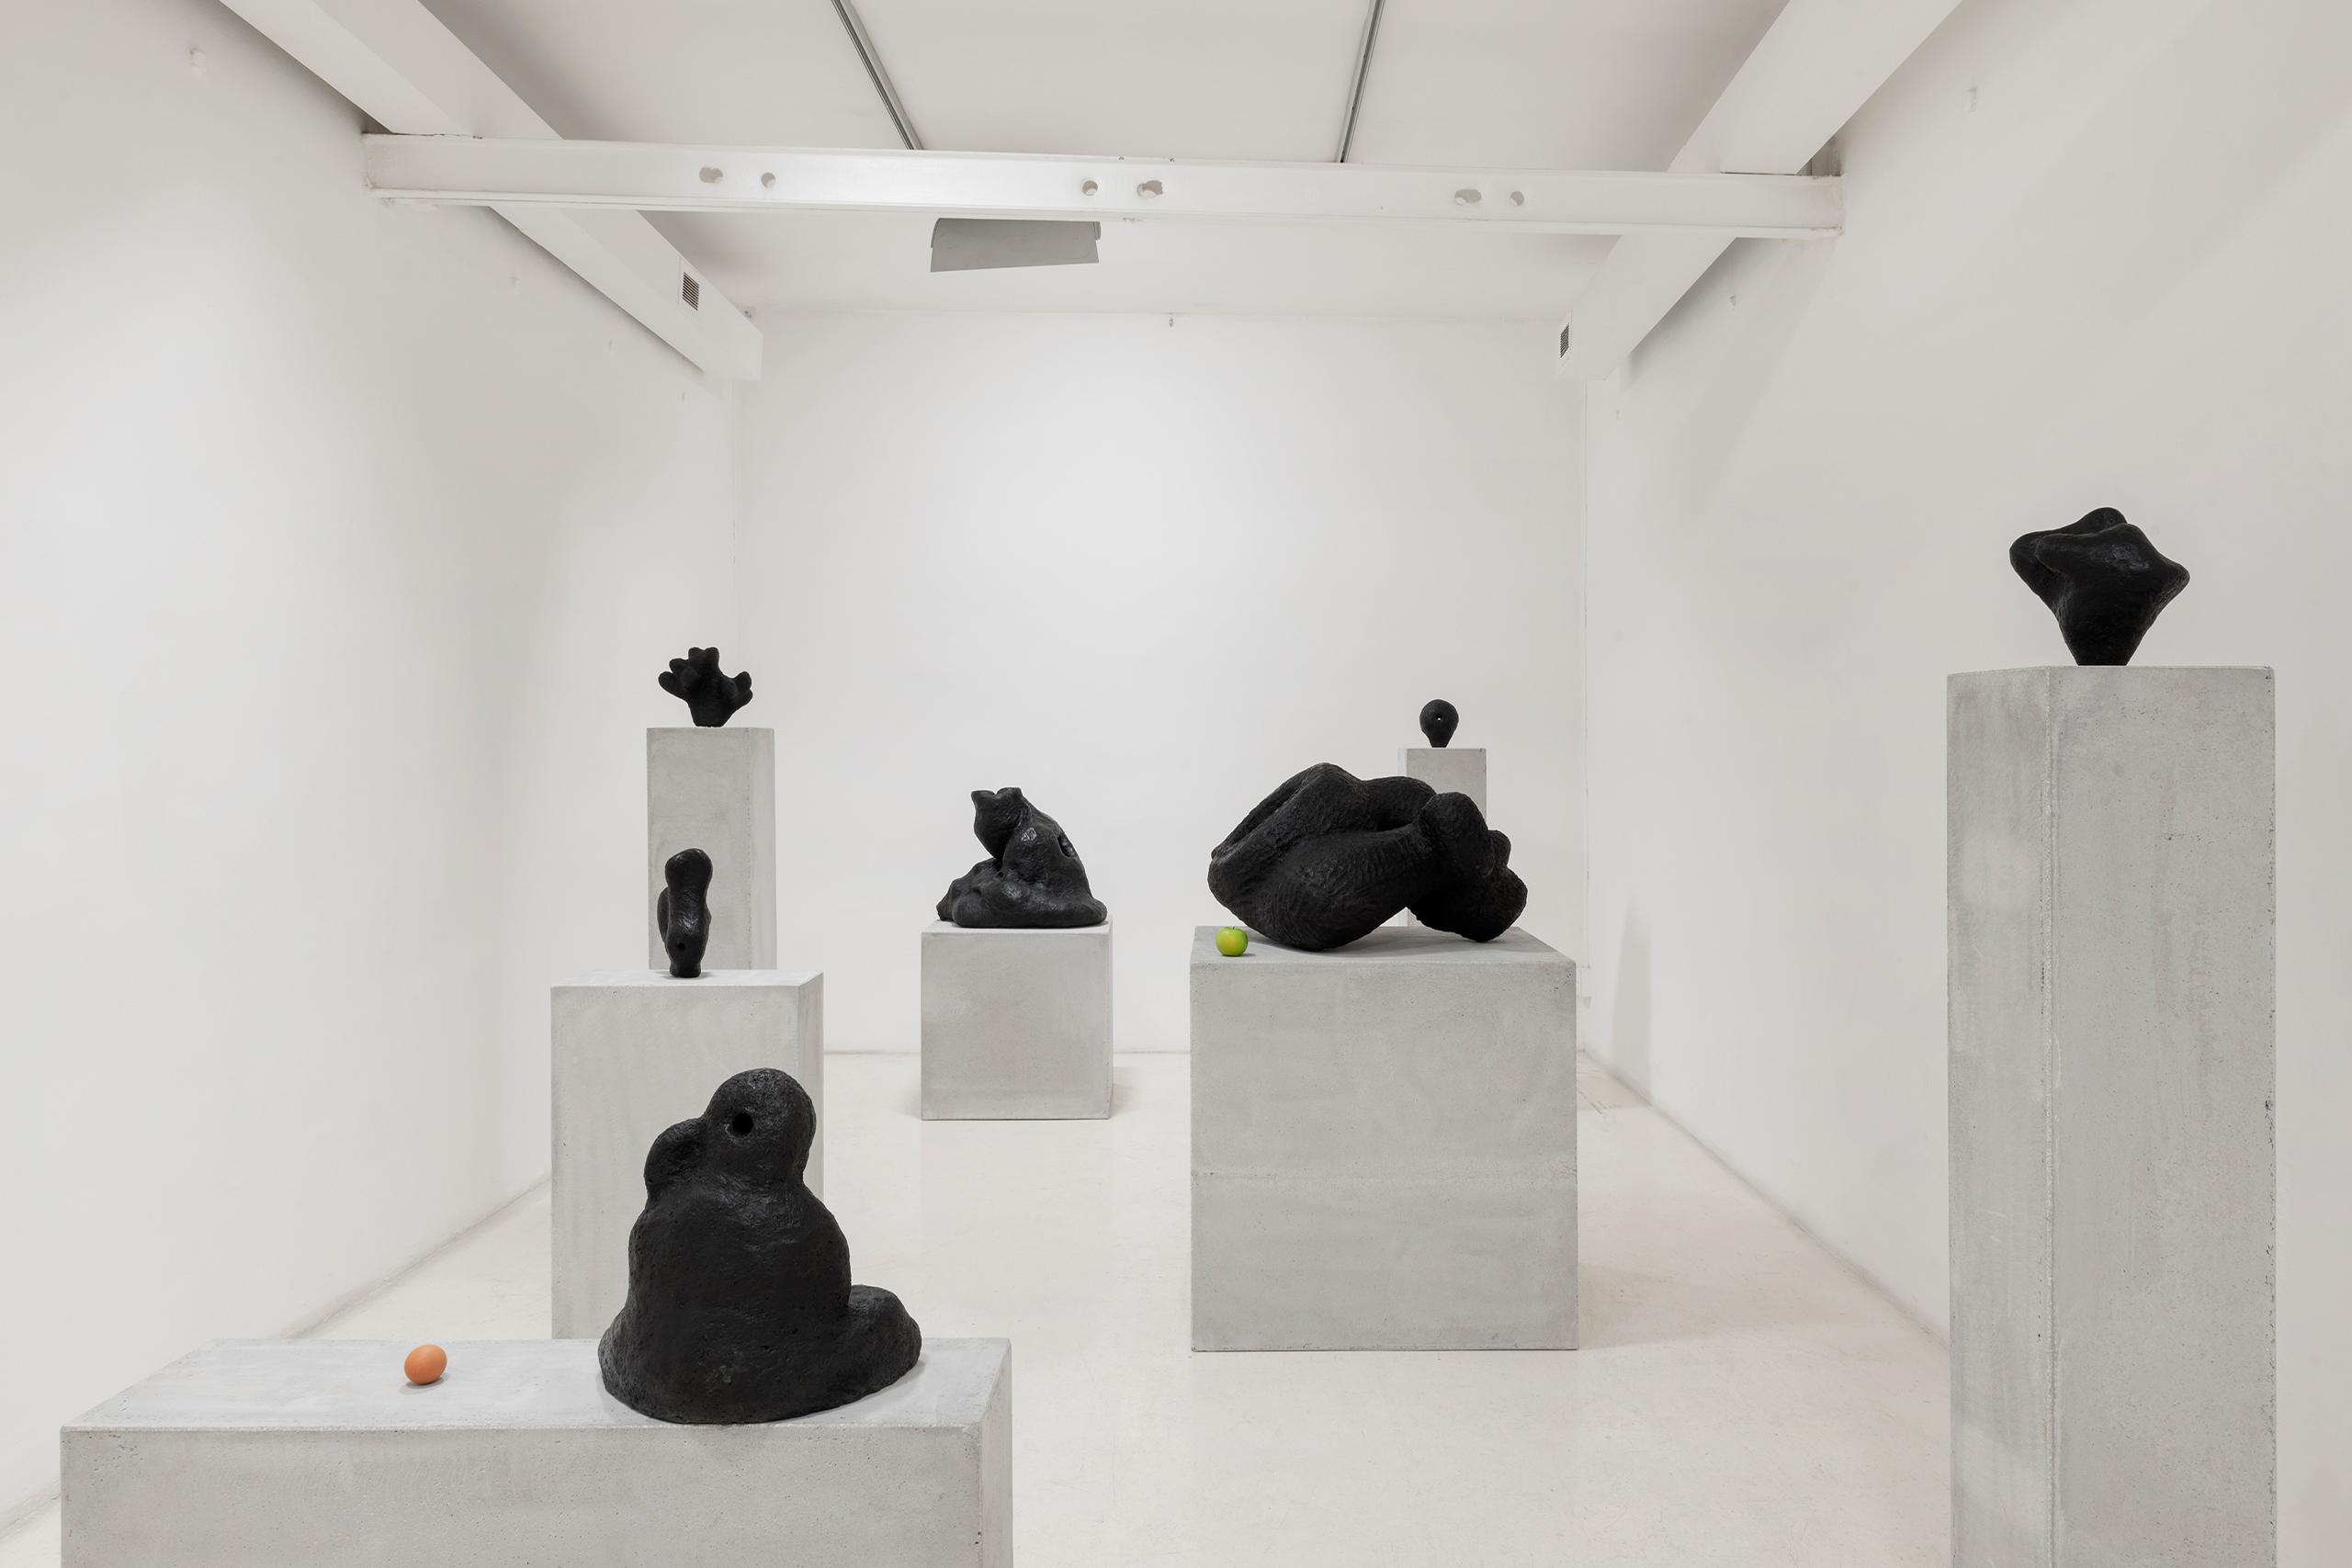 Namsal Siedlecki, Mvaḥ Chā, 2020. View of the exhibition curated by Marcello Smarrelli, Courtesy Fondazione Pastificio Cerere and the artist. Photo Andrea Veneri_